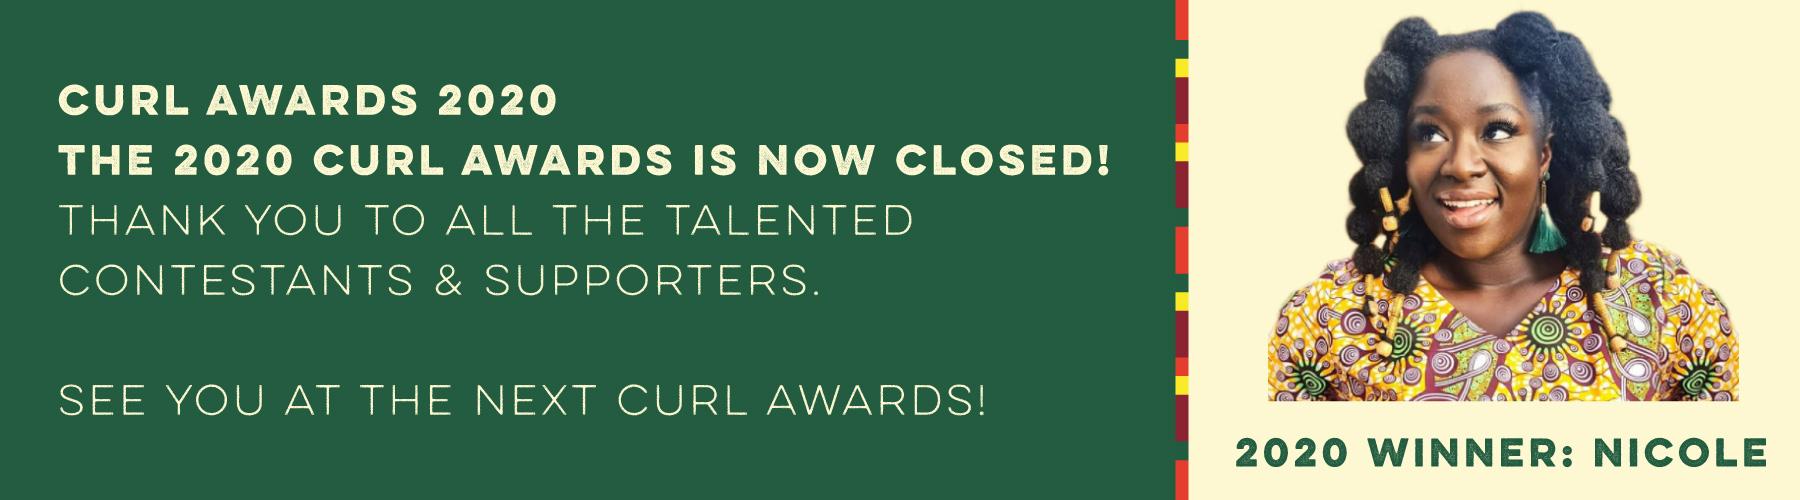 Curl Awards 2020